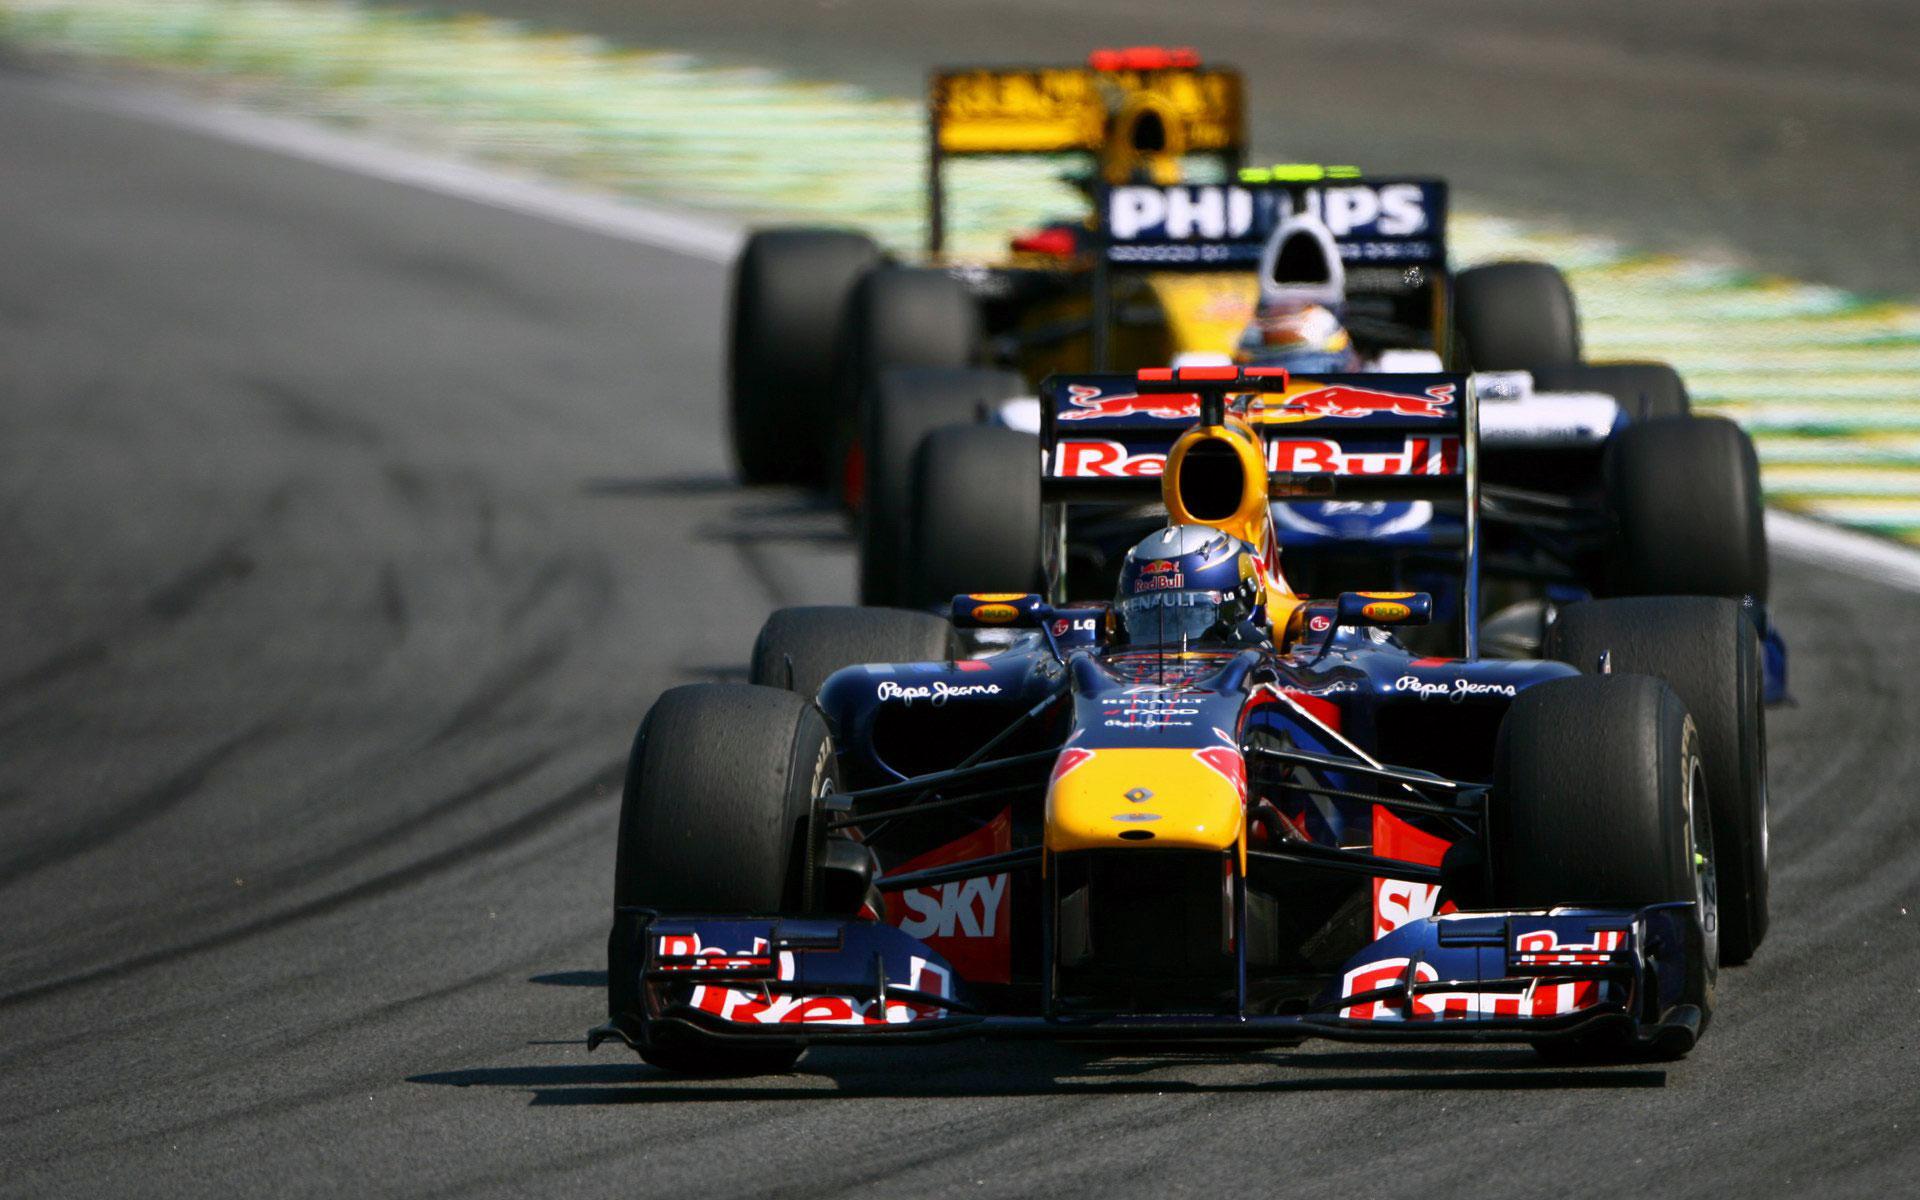 F1 Racing Wallpaper